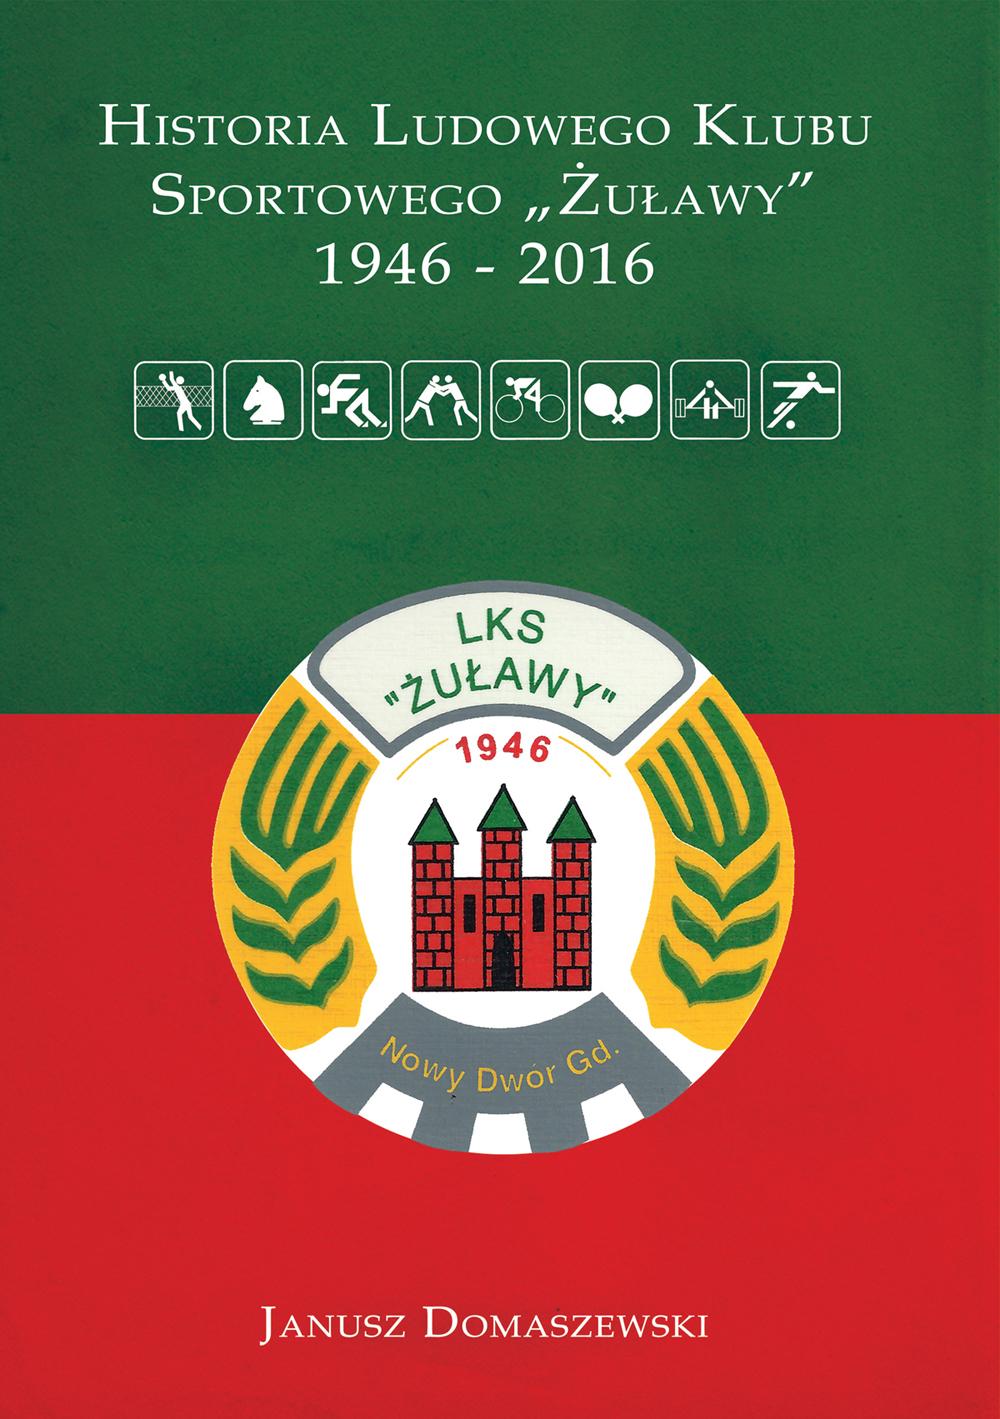 """Prezentacja książki J.Domaszewskiego """"Historia Klubu Sportowego LKS Żuławy"""""""